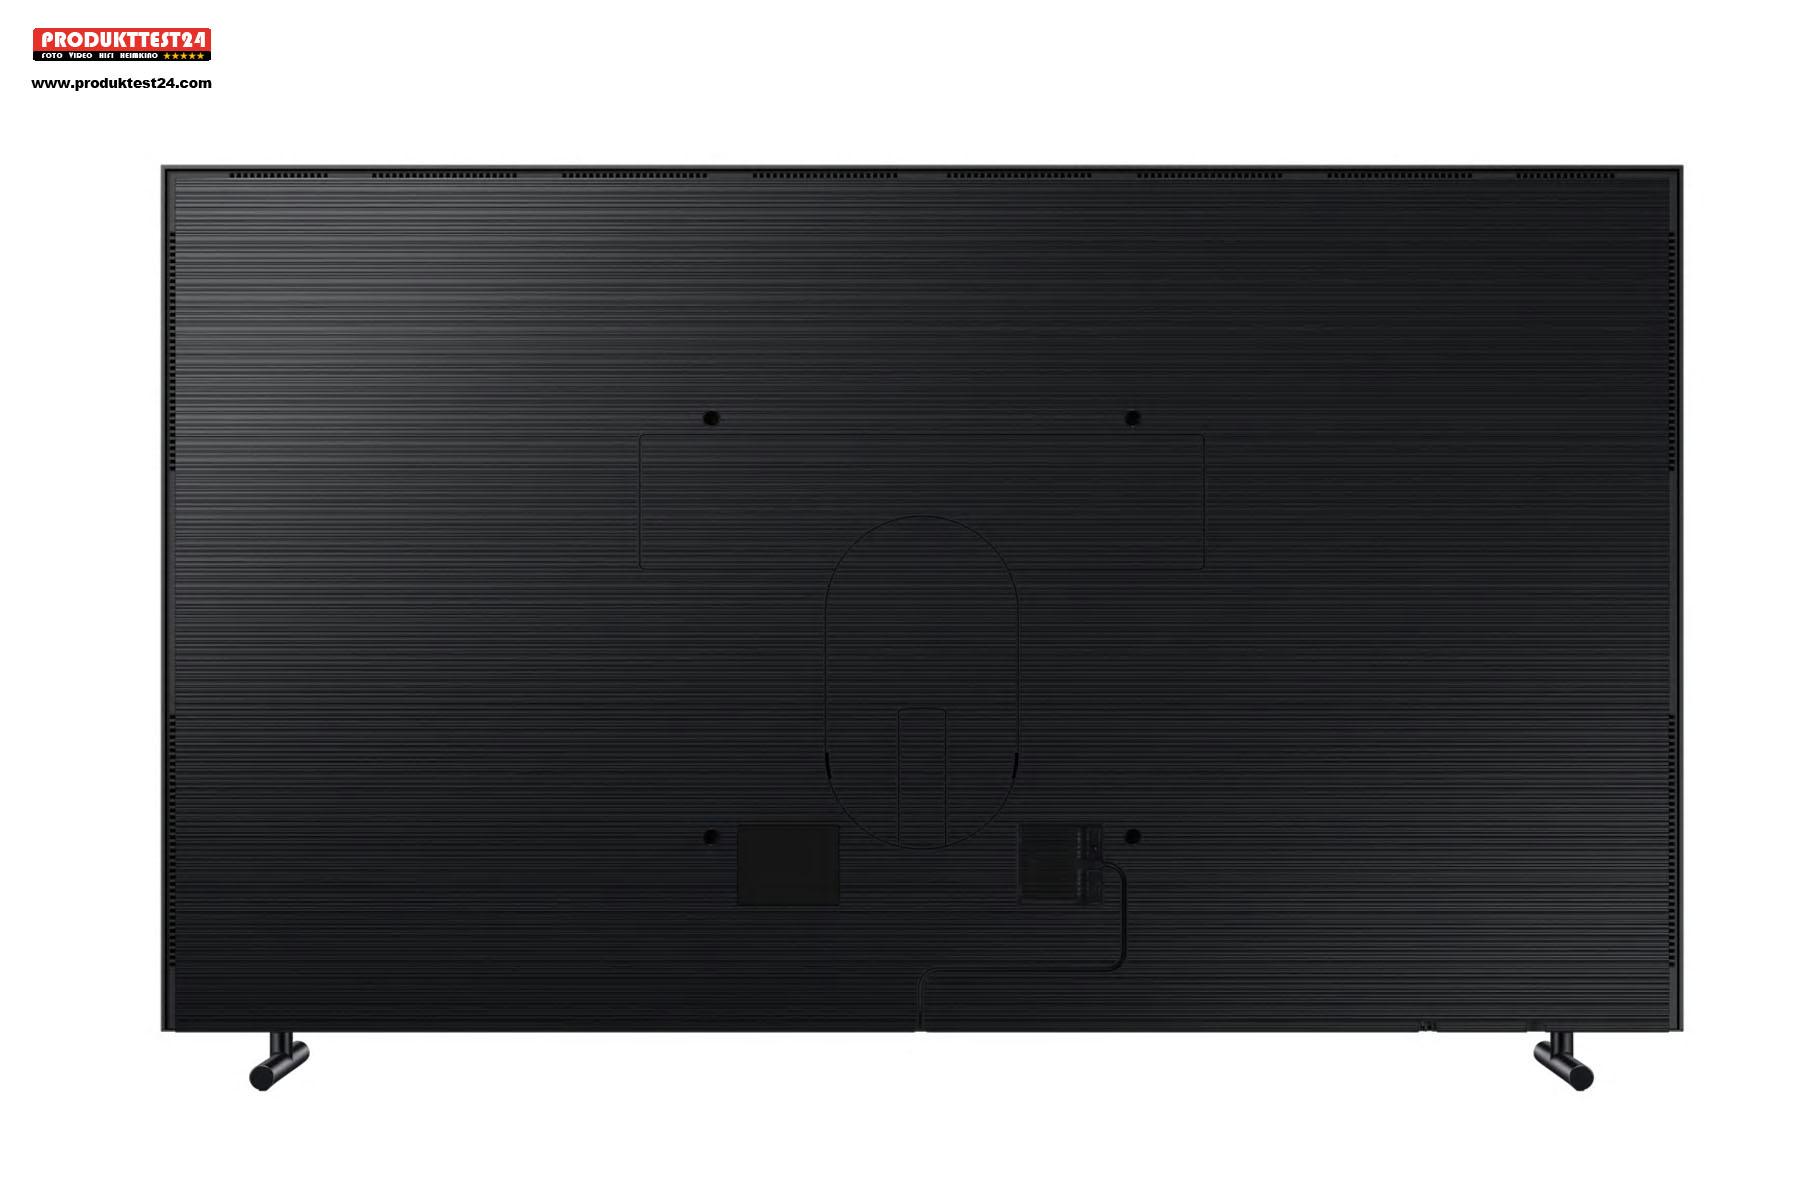 Auch die Rückseite des Samsung The Frame QE43LS03 ist hochwertig verarbeitet